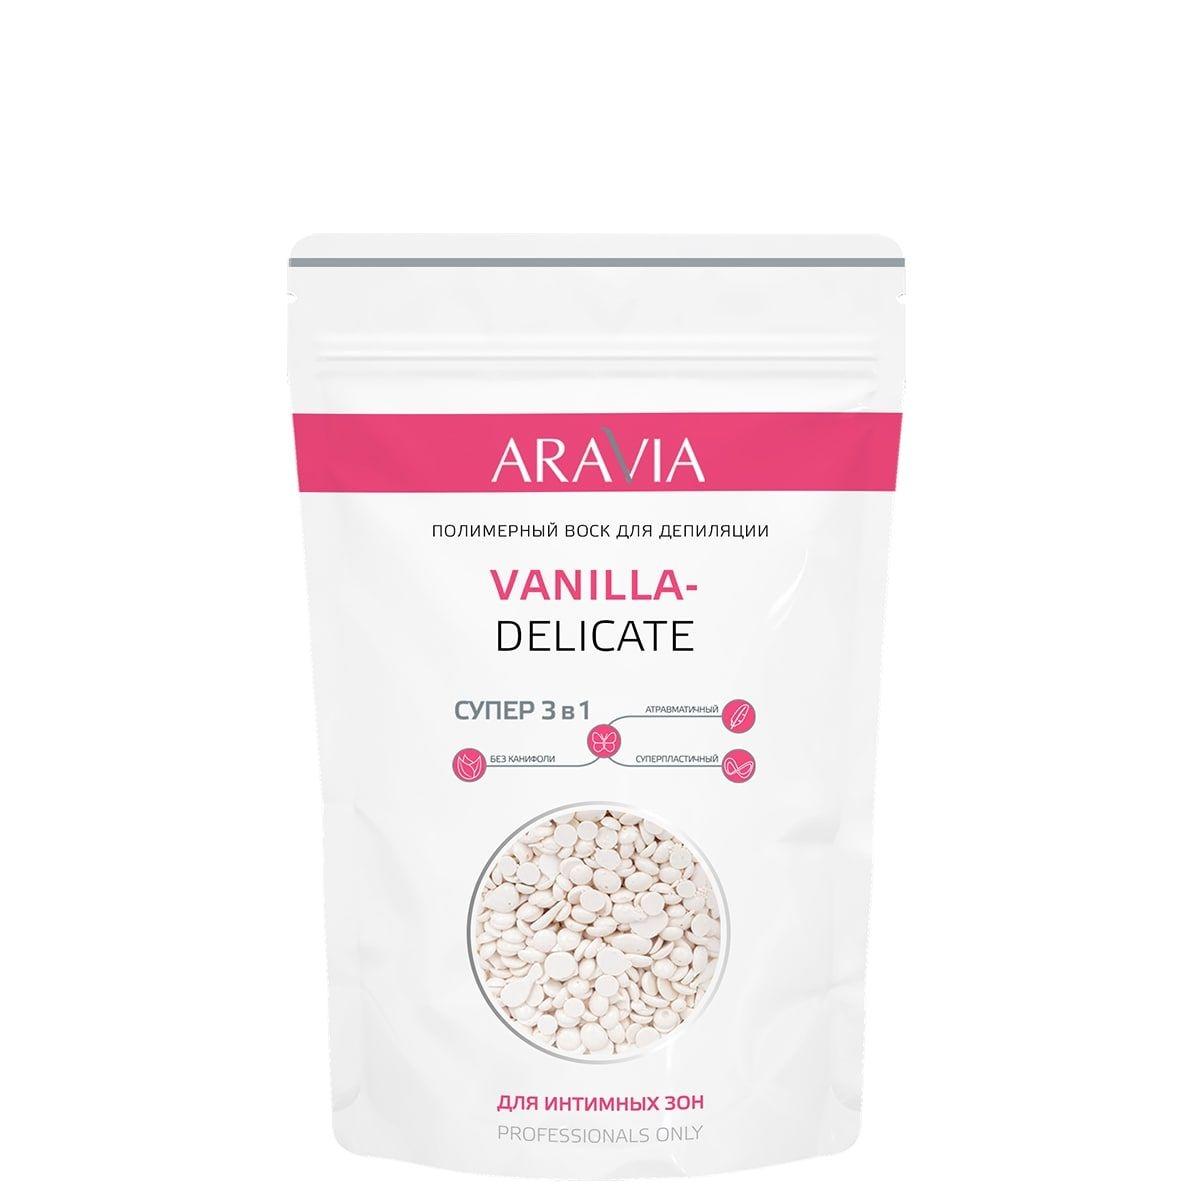 ARAVIA Полимерный Воск для Депиляции Vanilla-Delicate Интимных Зон, 1000г